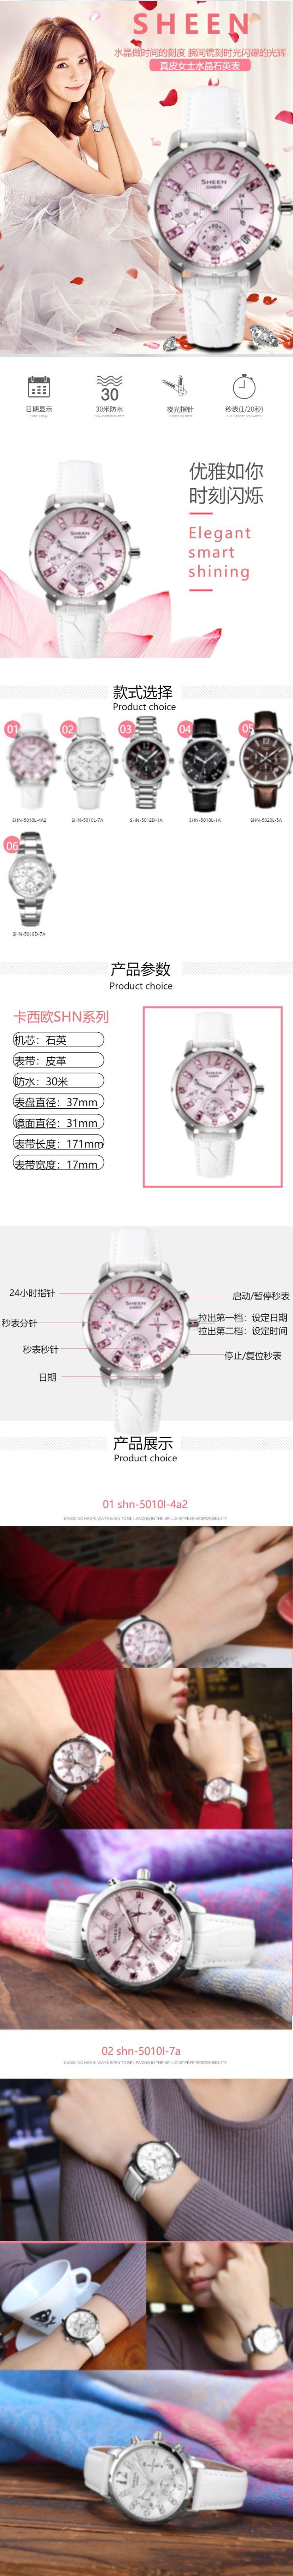 时尚优雅手表电商详情页